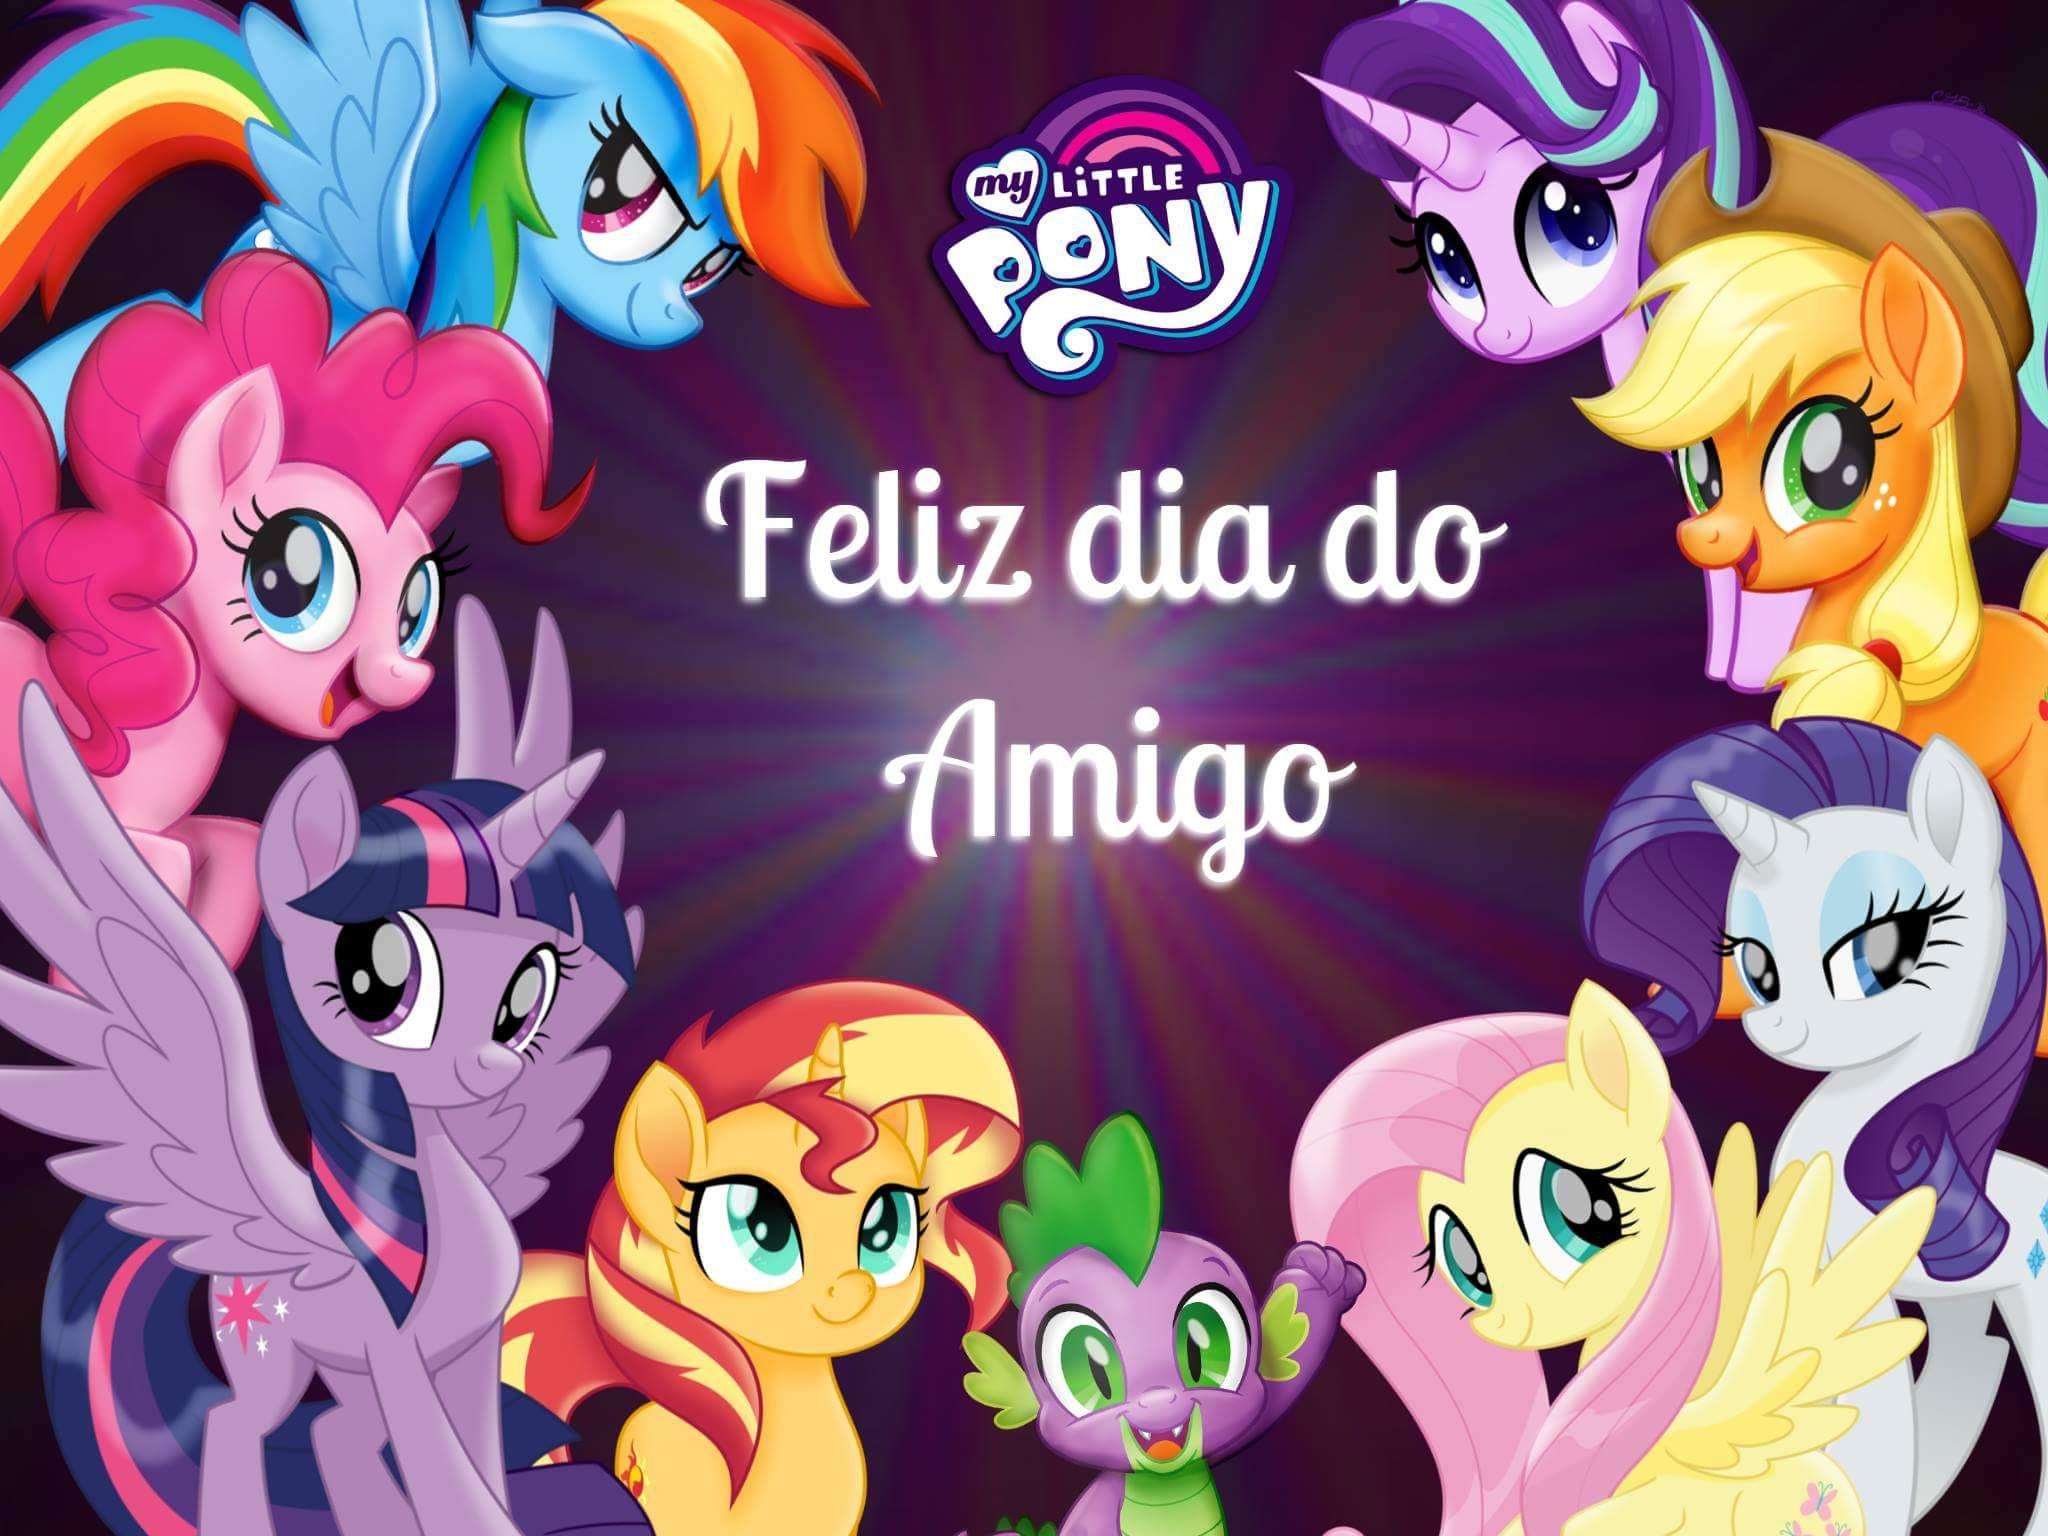 Pin De Princesses Em My Little Pony The Movie Dia Do Amigo Mlp Imagens